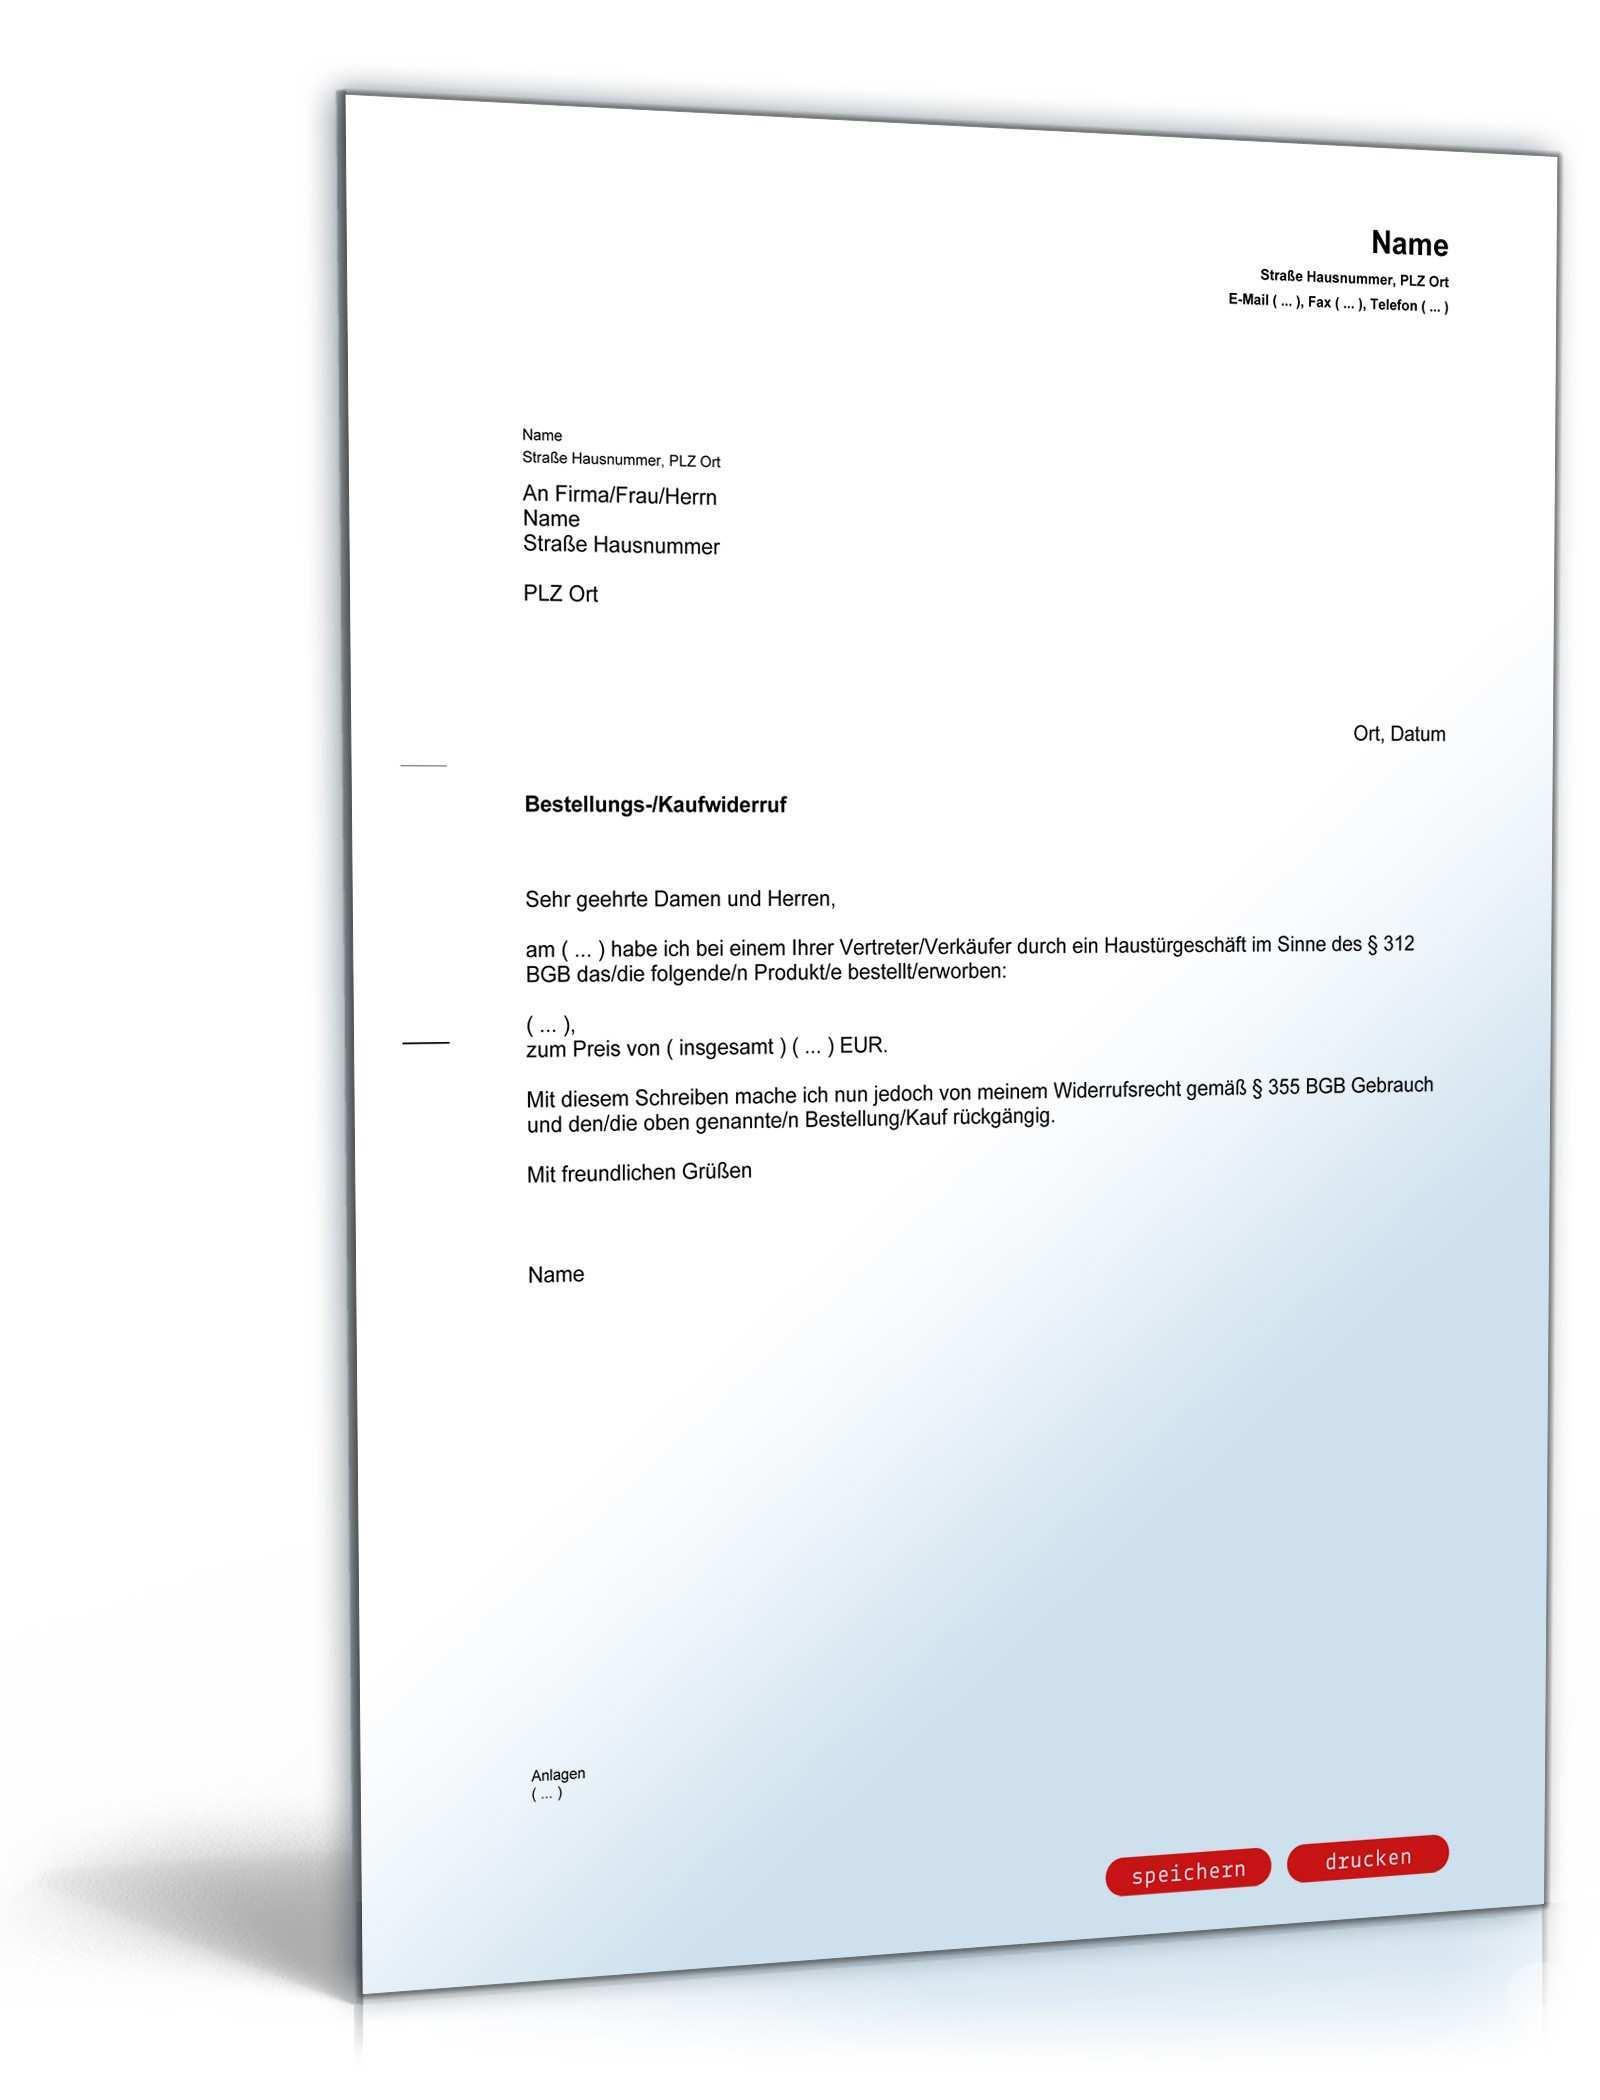 Widerruf Hausturgeschaft Muster Vorlage Zum Download